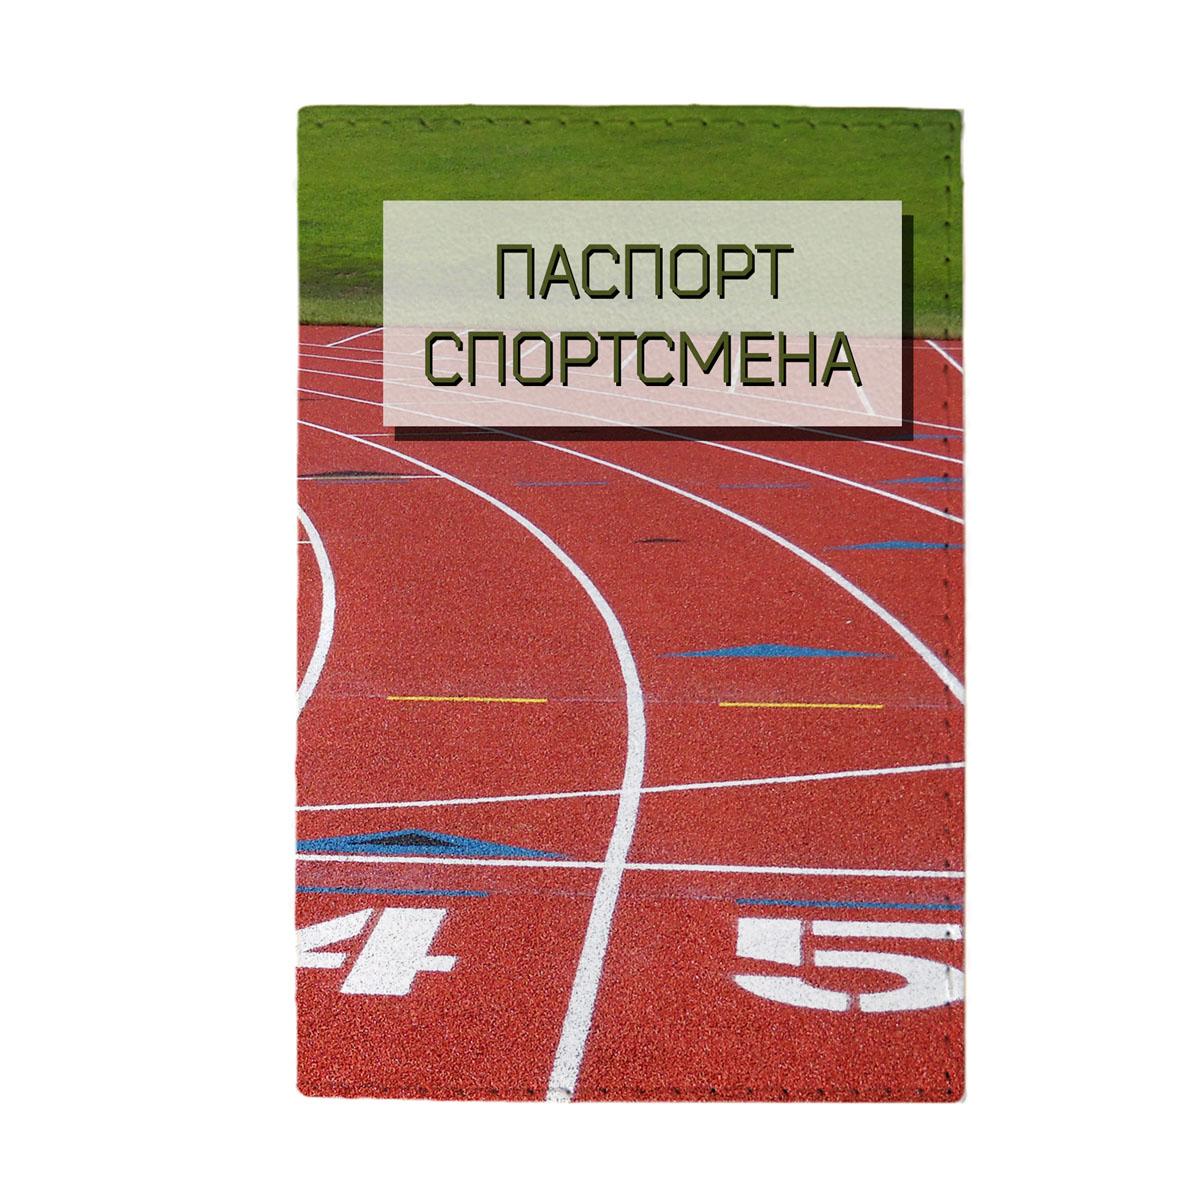 Обложка для паспорта мужская Mitya Veselkov Спортсмен, цвет: мультицвет. OZAM393OZAM393Обложка для паспорта Mitya Veselkov Спортсмен не только поможет сохранить внешний вид ваших документов и защитить их от повреждений, но и станет стильным аксессуаром, идеально подходящим вашему образу. Она выполнена из поливинилхлорида, внутри имеет два вертикальных кармашка из прозрачного пластика. Такая обложка поможет вам подчеркнуть свою индивидуальность и неповторимость! Обложка для паспорта стильного дизайна может быть достойным и оригинальным подарком.